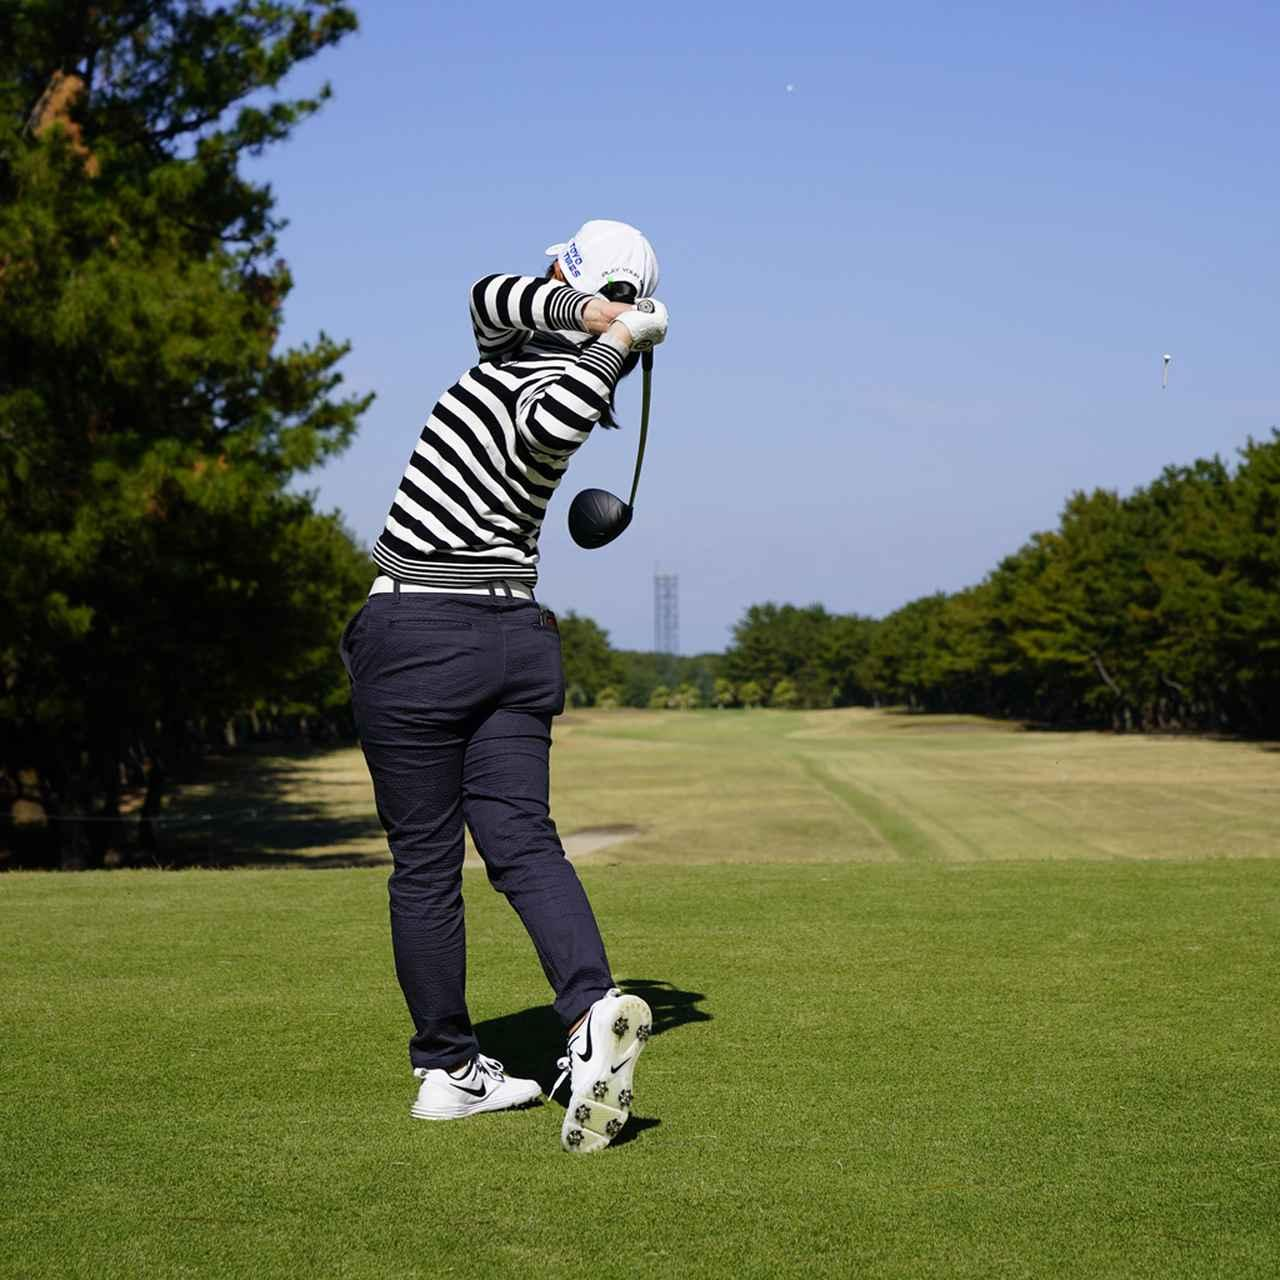 画像: 体が最後まで回り切っていて、クラブヘッドは目標を差している